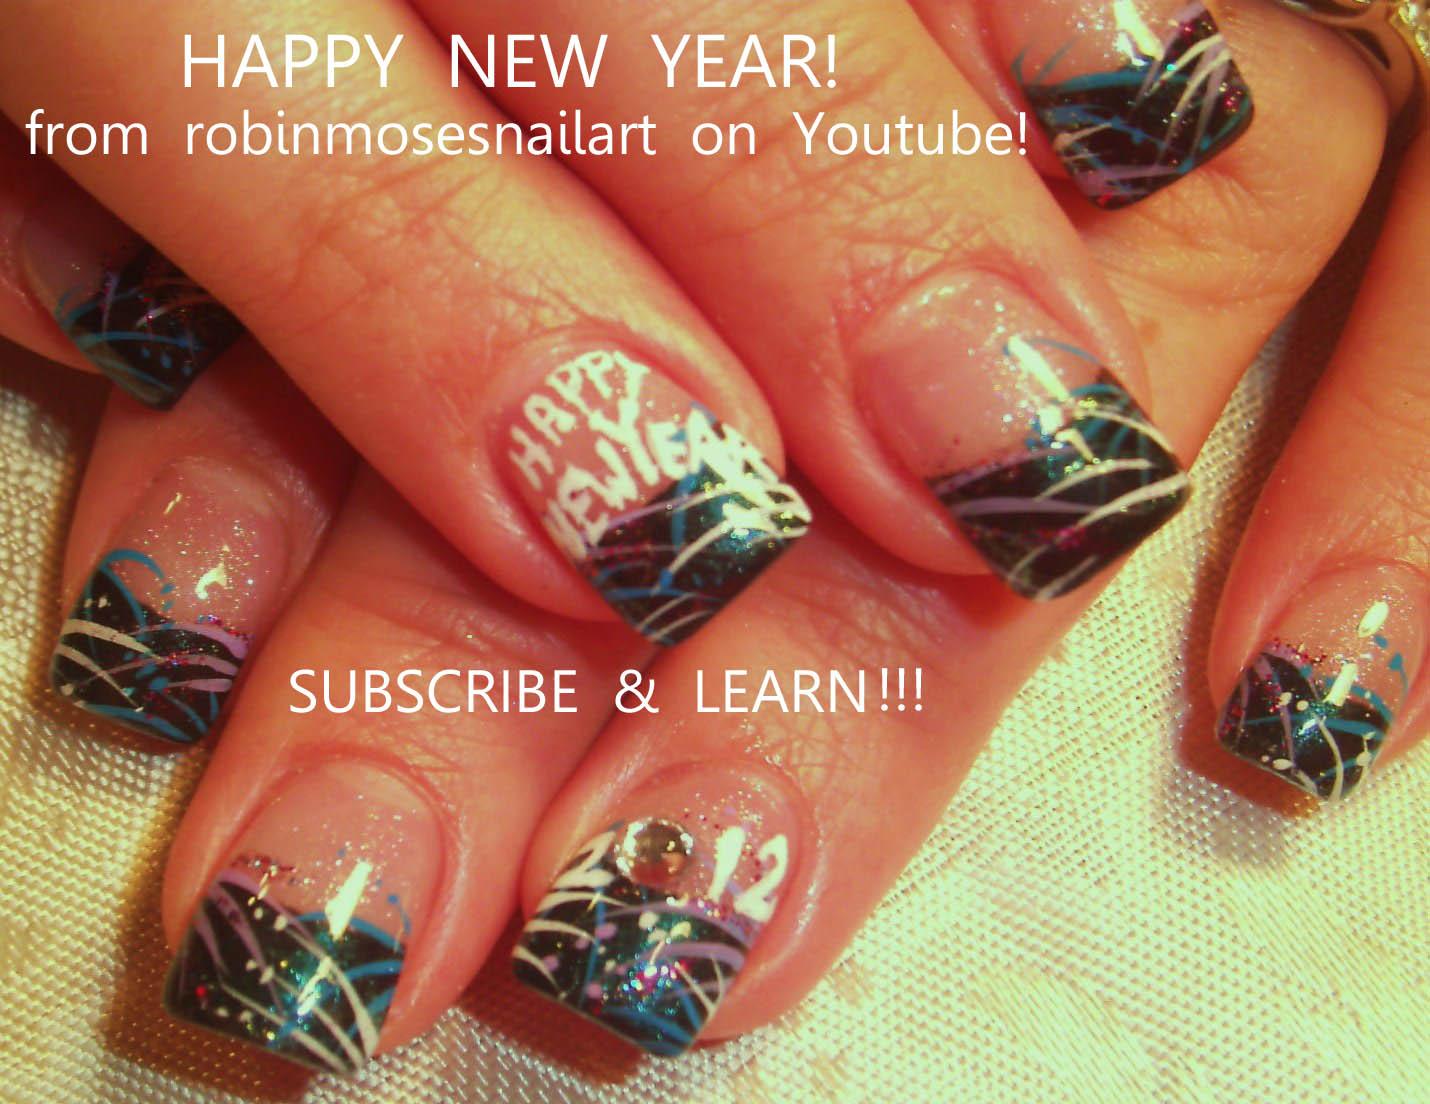 Nail Art Design New York Nails New Year 2012 New Year